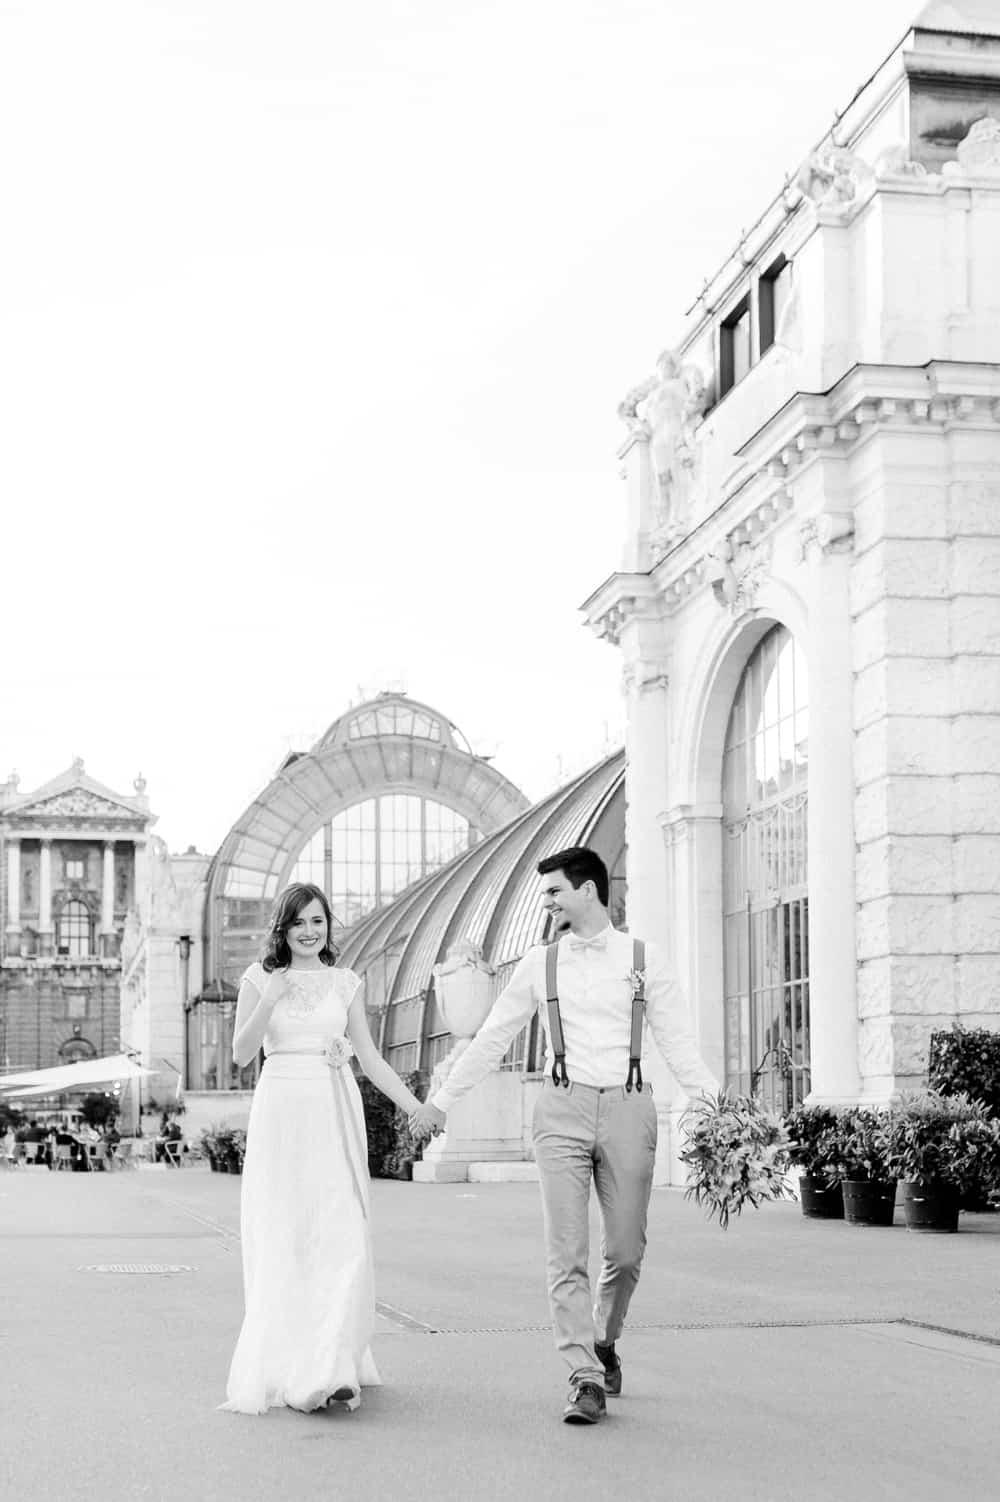 hochzeitsfotograf_thomasschwede_after_wedding_fotos_in_wien_0717